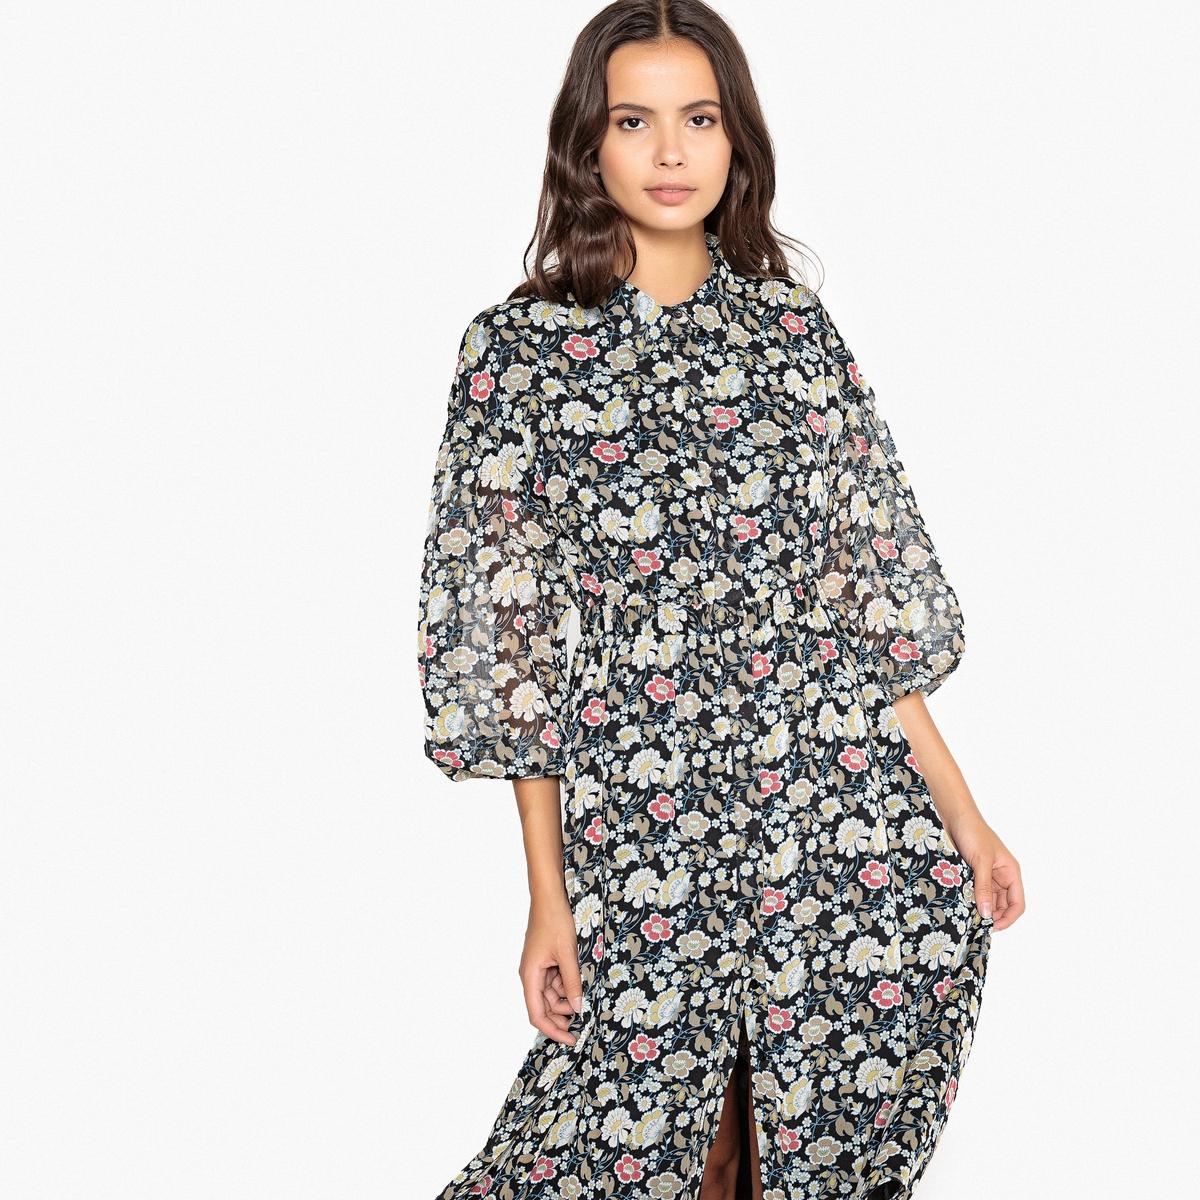 Платье La Redoute Миди приталенное с цветочным принтом с рубашечным воротником 34 (FR) - 40 (RUS) черный шорты la redoute плавательные с принтом джунгли мес года 18 мес 81 см синий